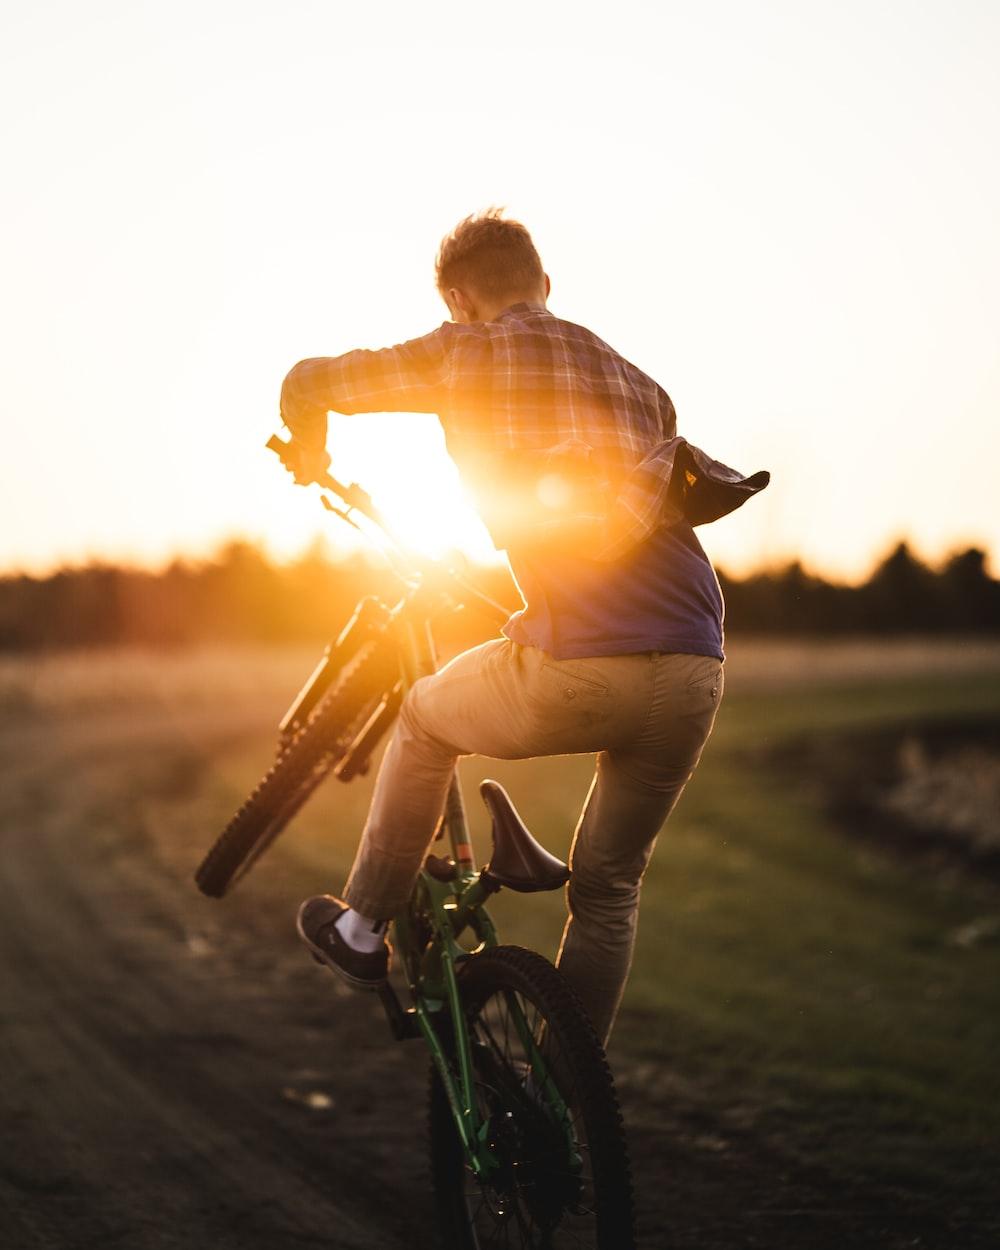 man in brown shirt riding bicycle during sunset